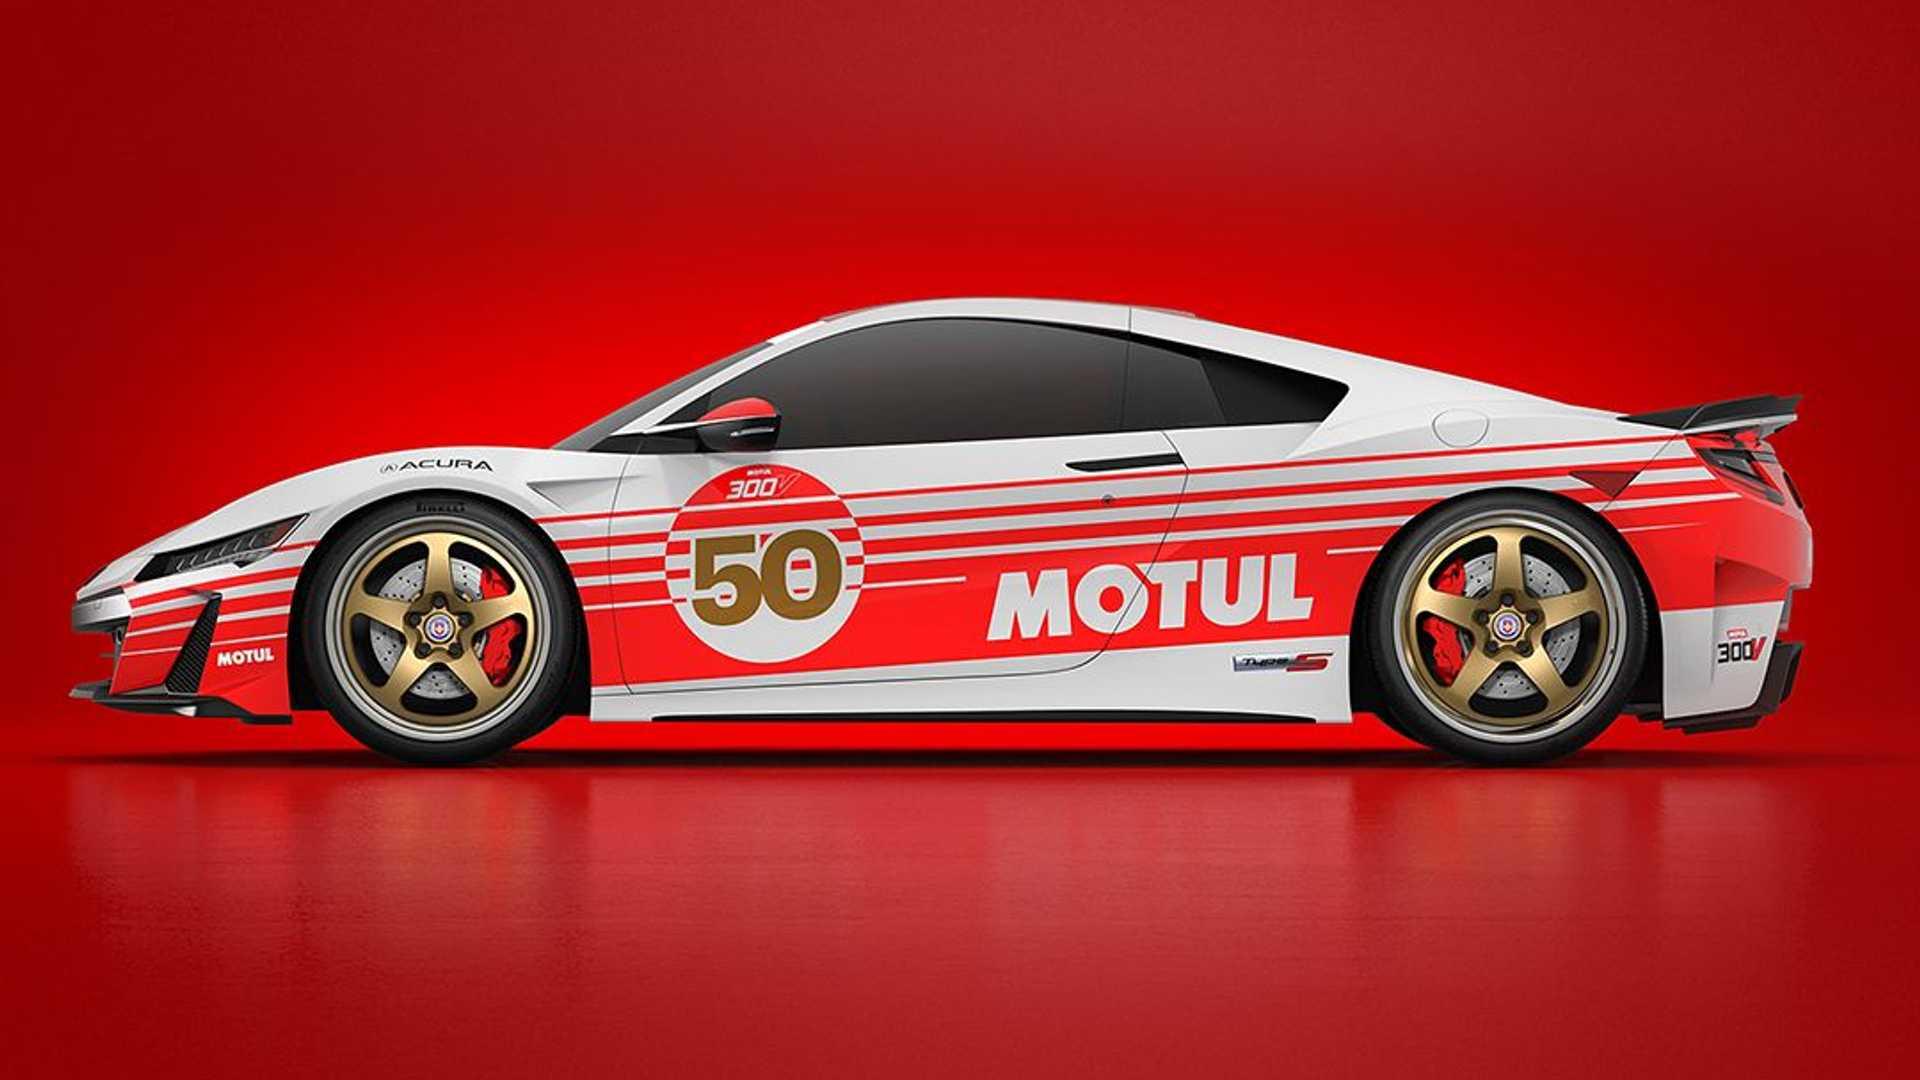 В мире автоспорта французская компания Motul хорошо известна – она поставляет одноименное гоночное масло, а еще время от времени спонсирует некоторые команды. В честь своего полувекового юбилея команда показала особенную Acura NSX Type S.